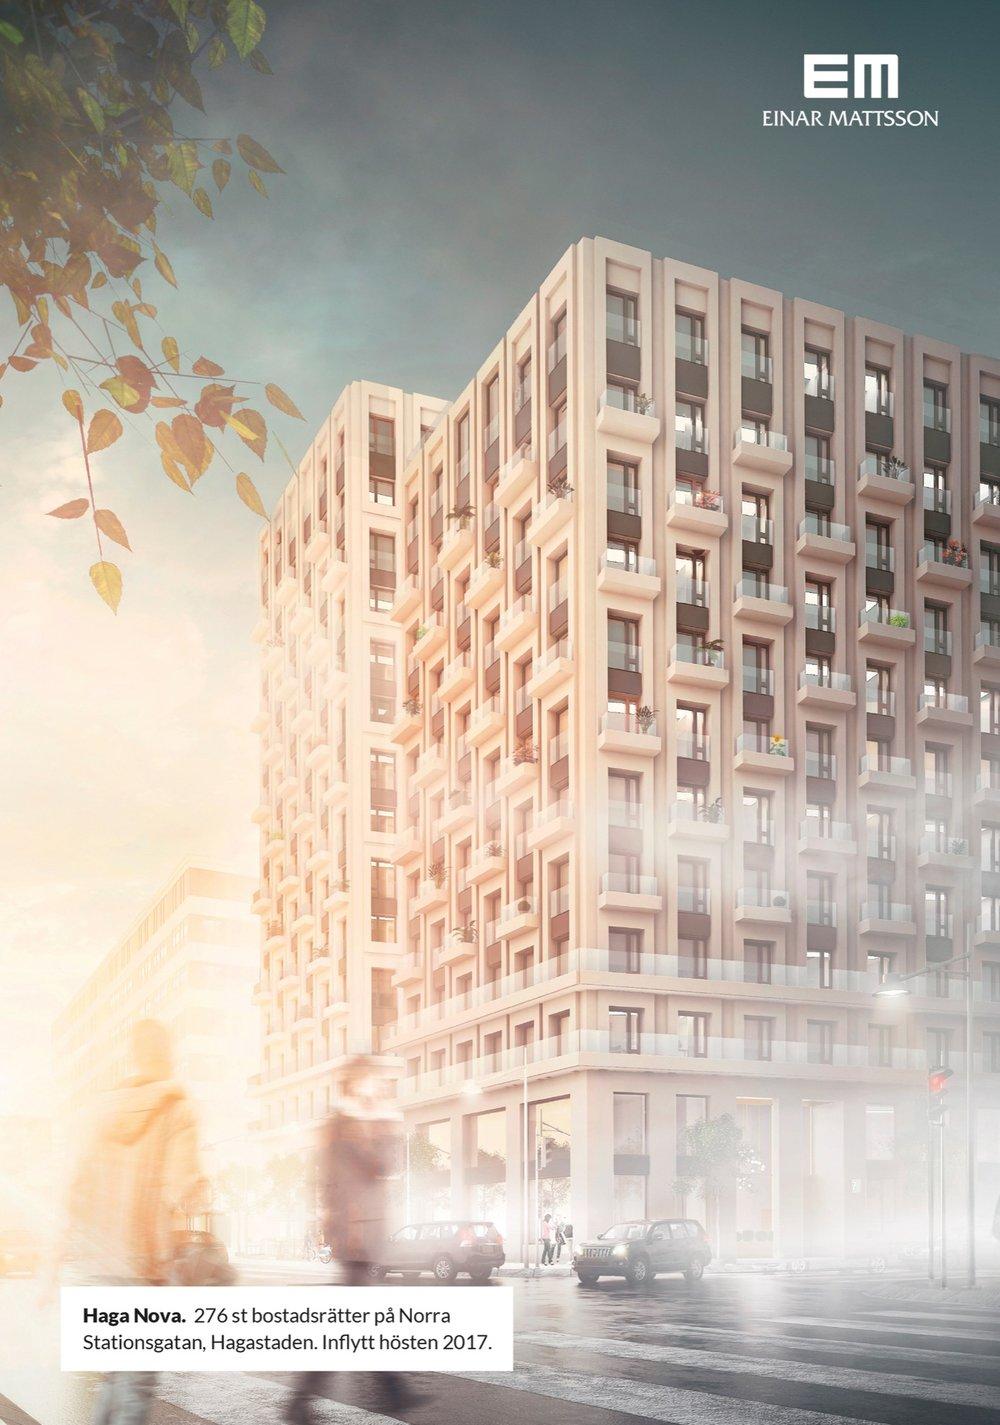 Haga Nova.  276 st bostadsrätter på Norra Stationsgatan, Hagastaden. Inflytt hösten 2017. Einar Mattsson